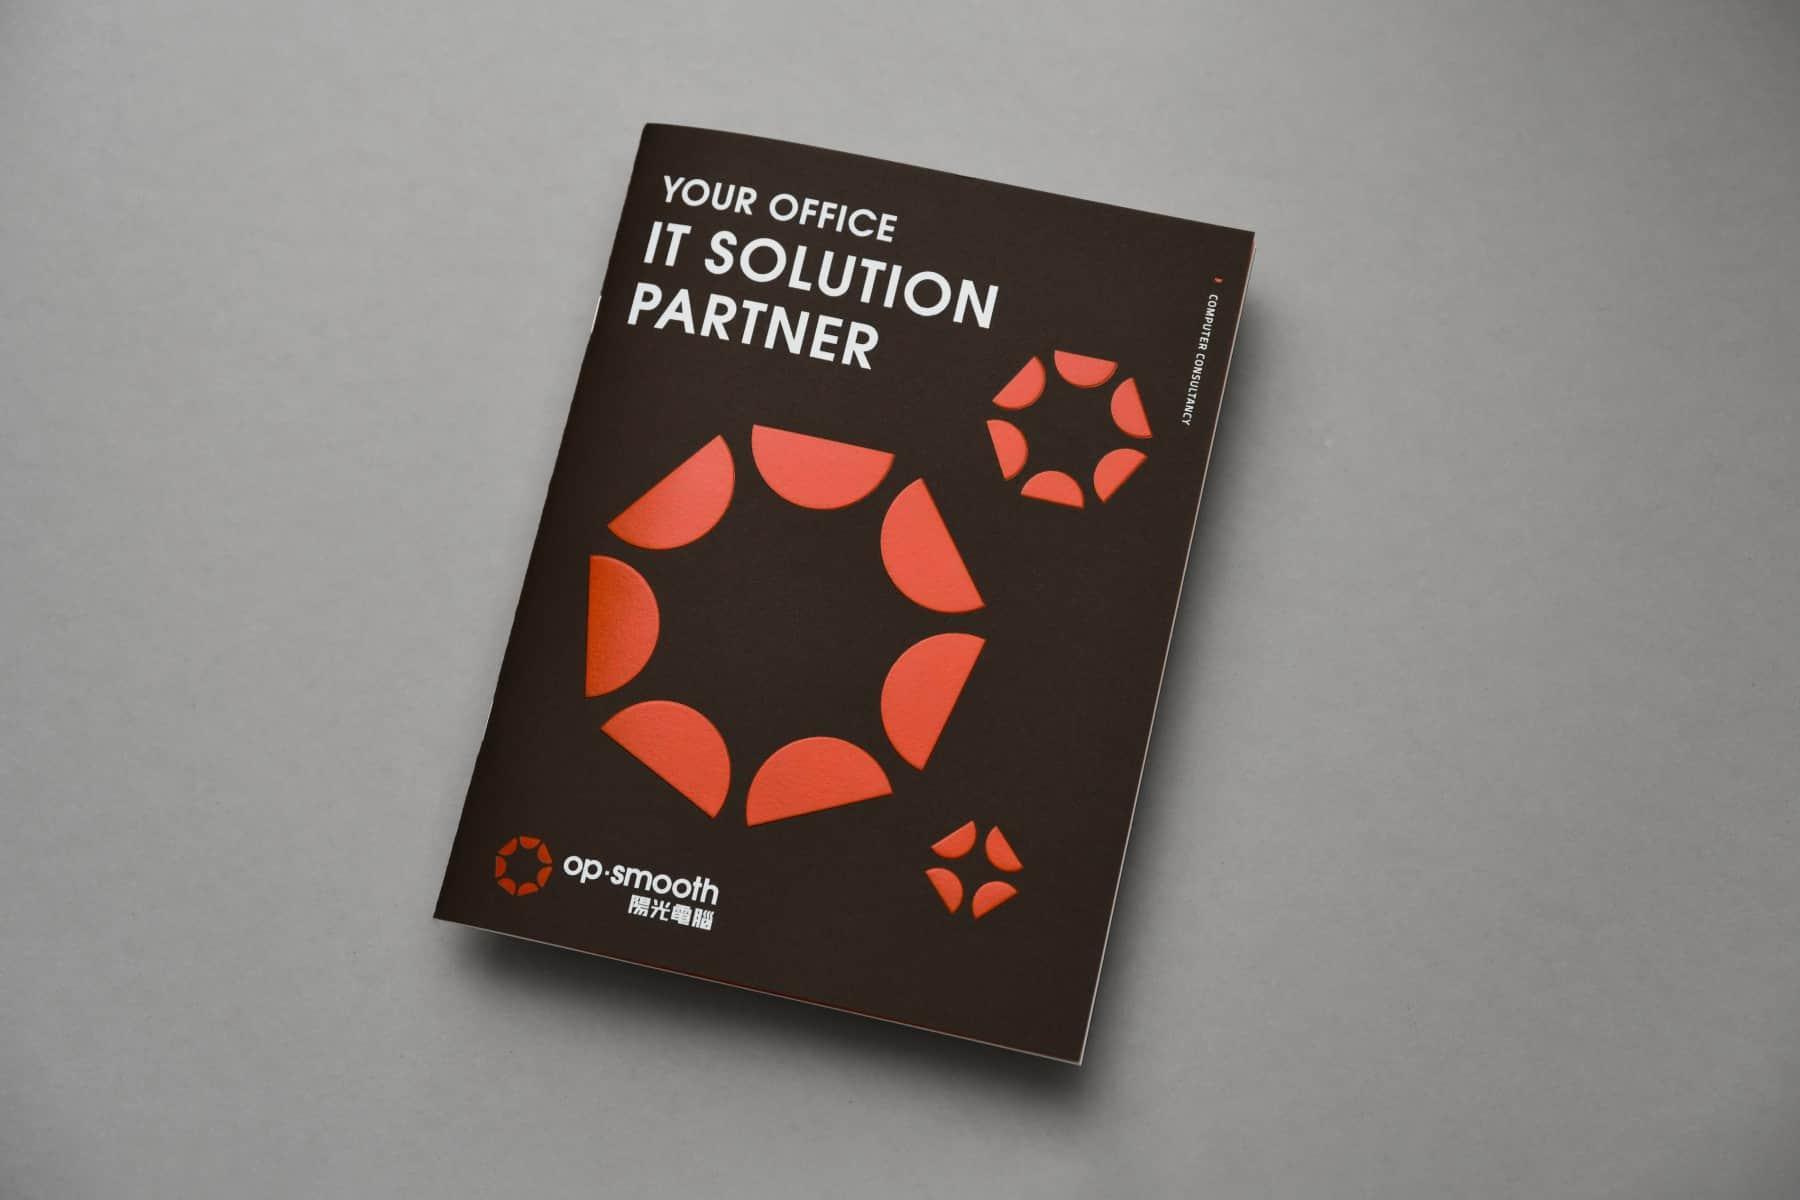 Op·smooth | Branding Design